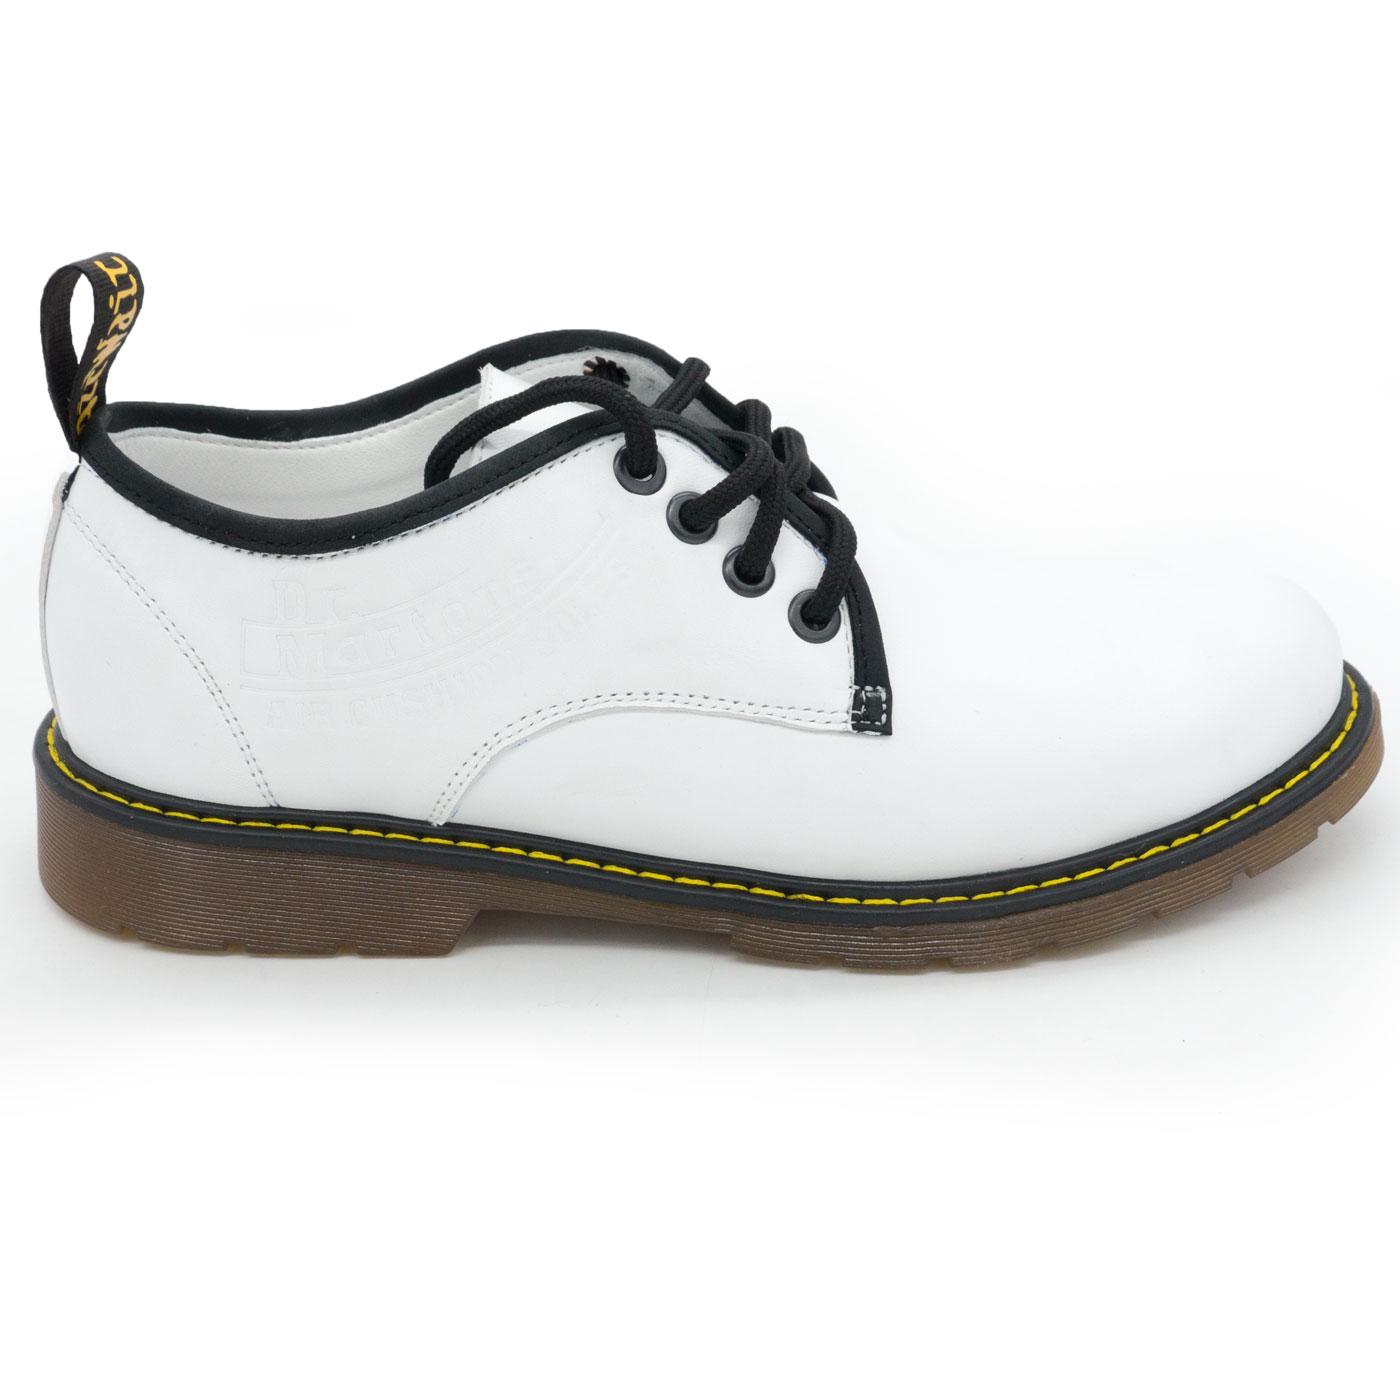 фото main Белые женские туфли Dr. Martens, натуральная кожа main